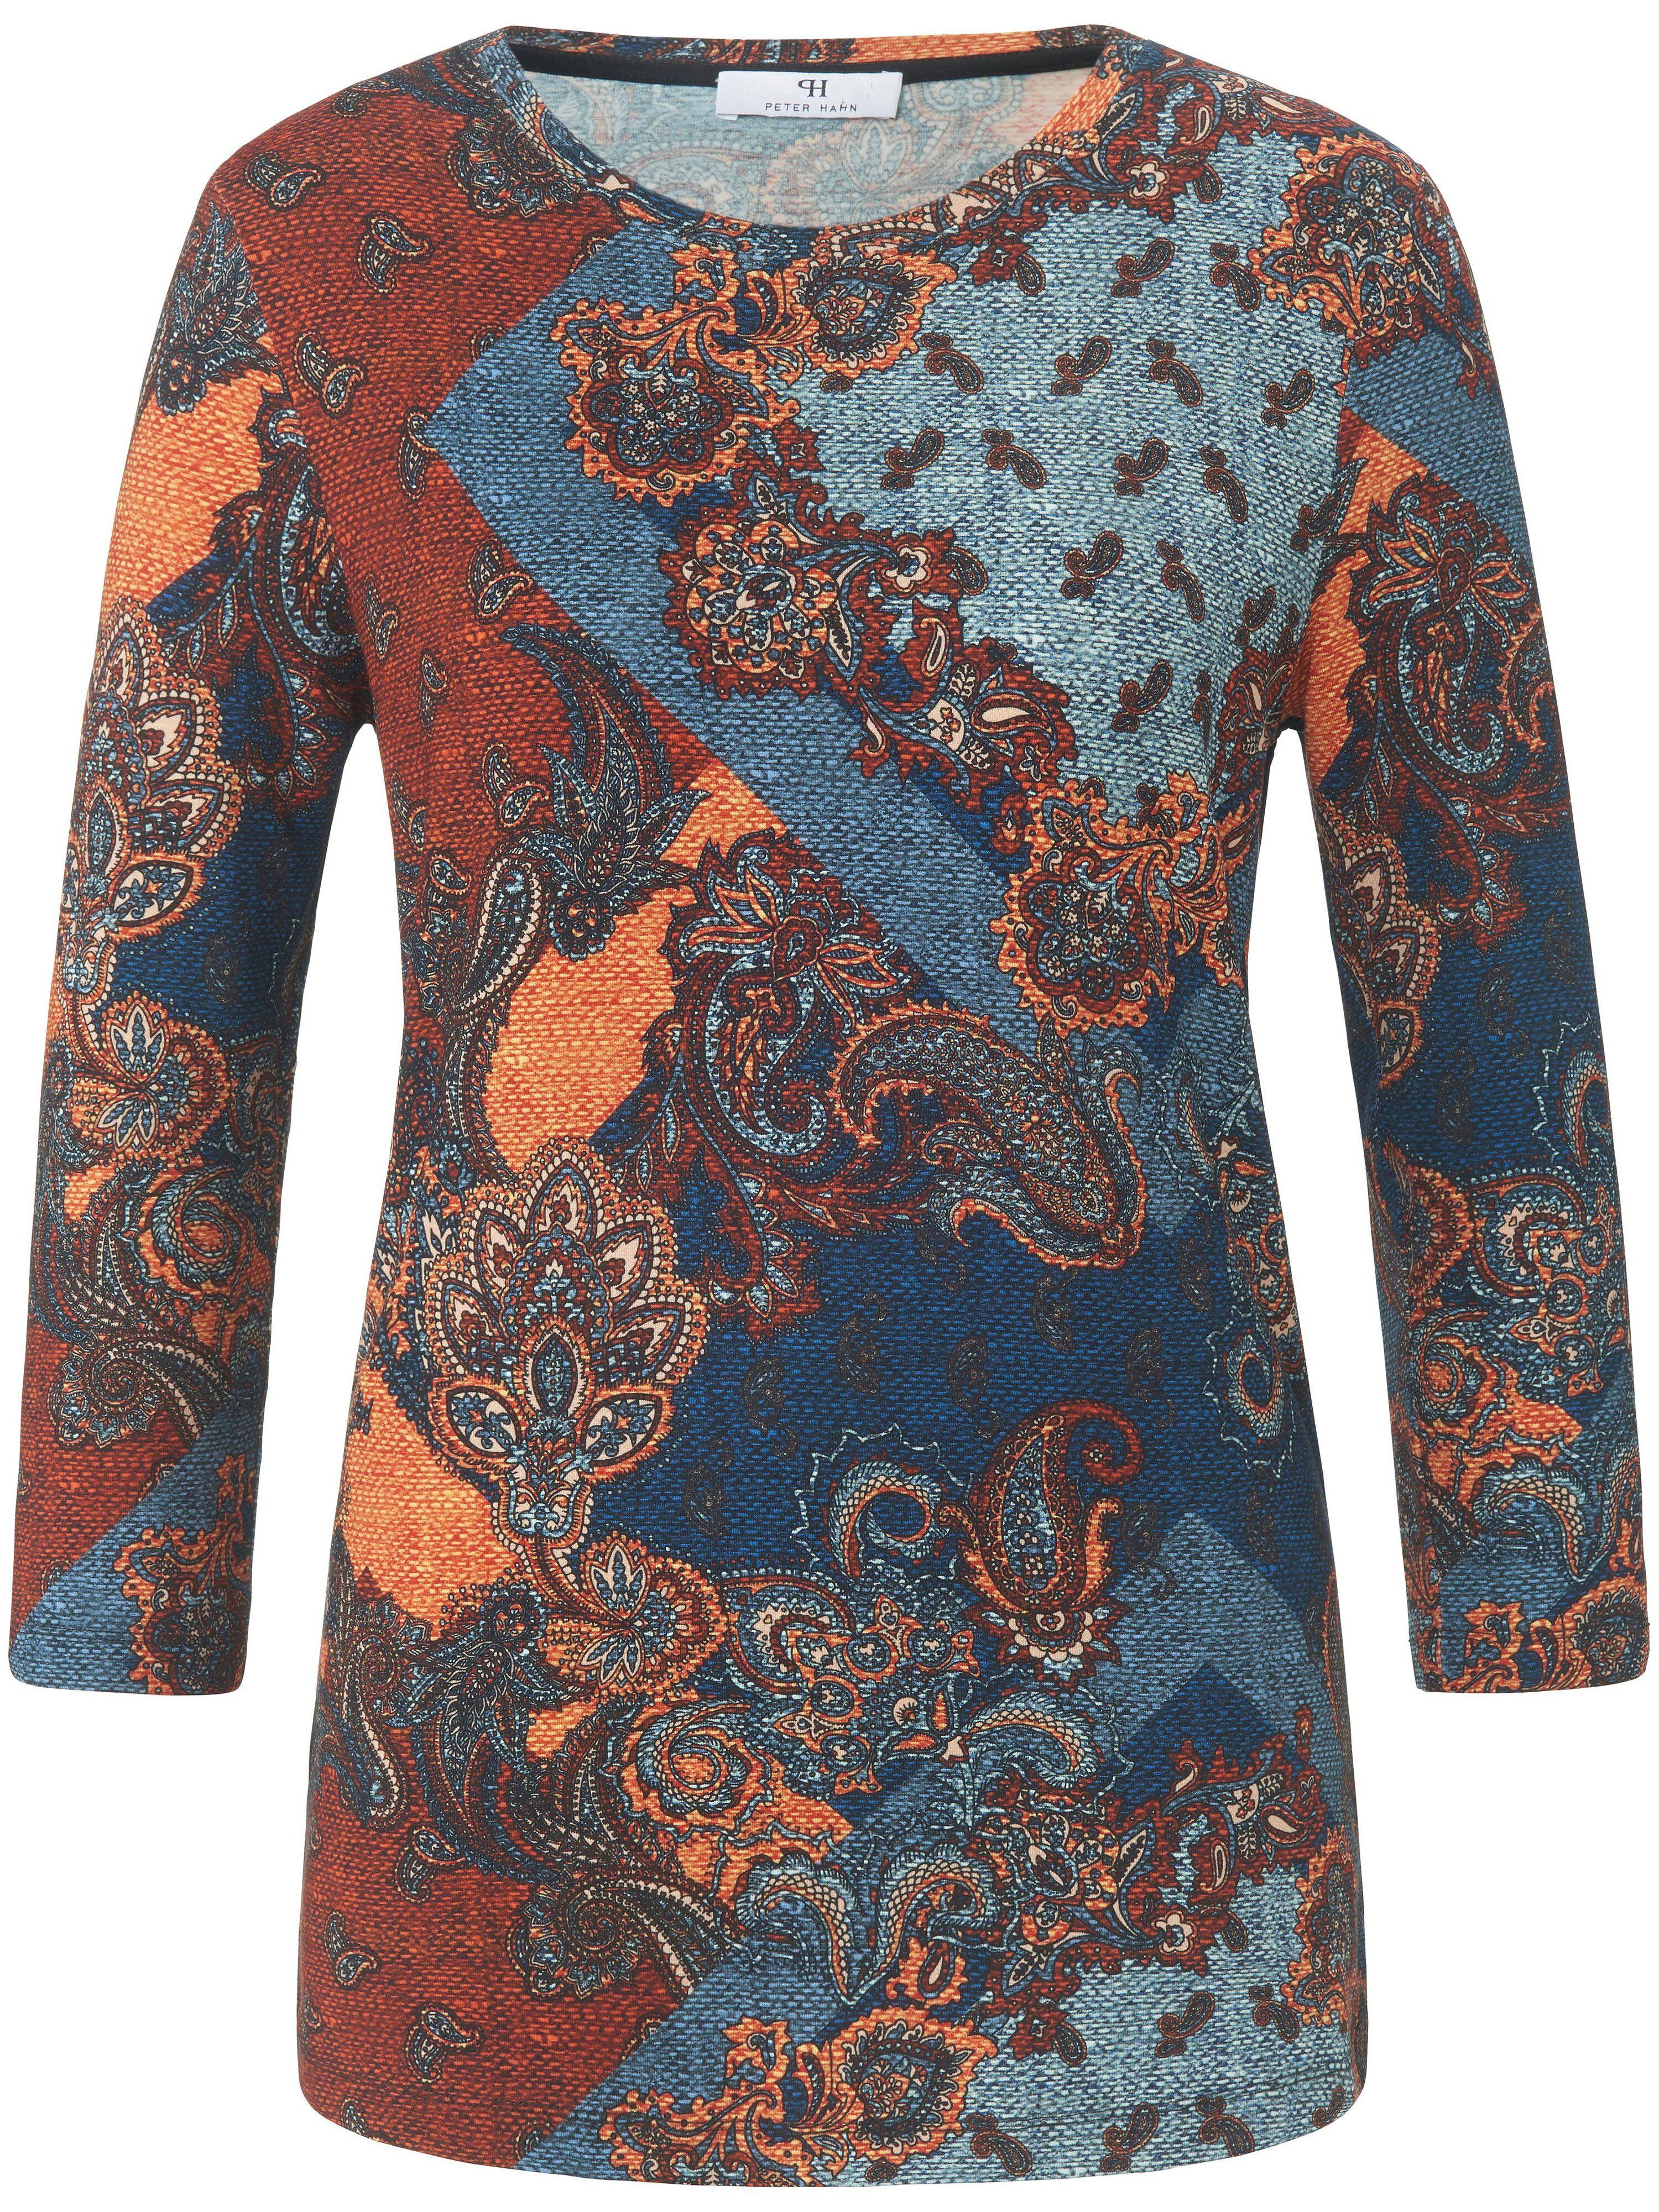 Peter Hahn Le T-shirt à manches 3/4 avec imprimé ornemental  Peter Hahn bleu  - Femme - 38